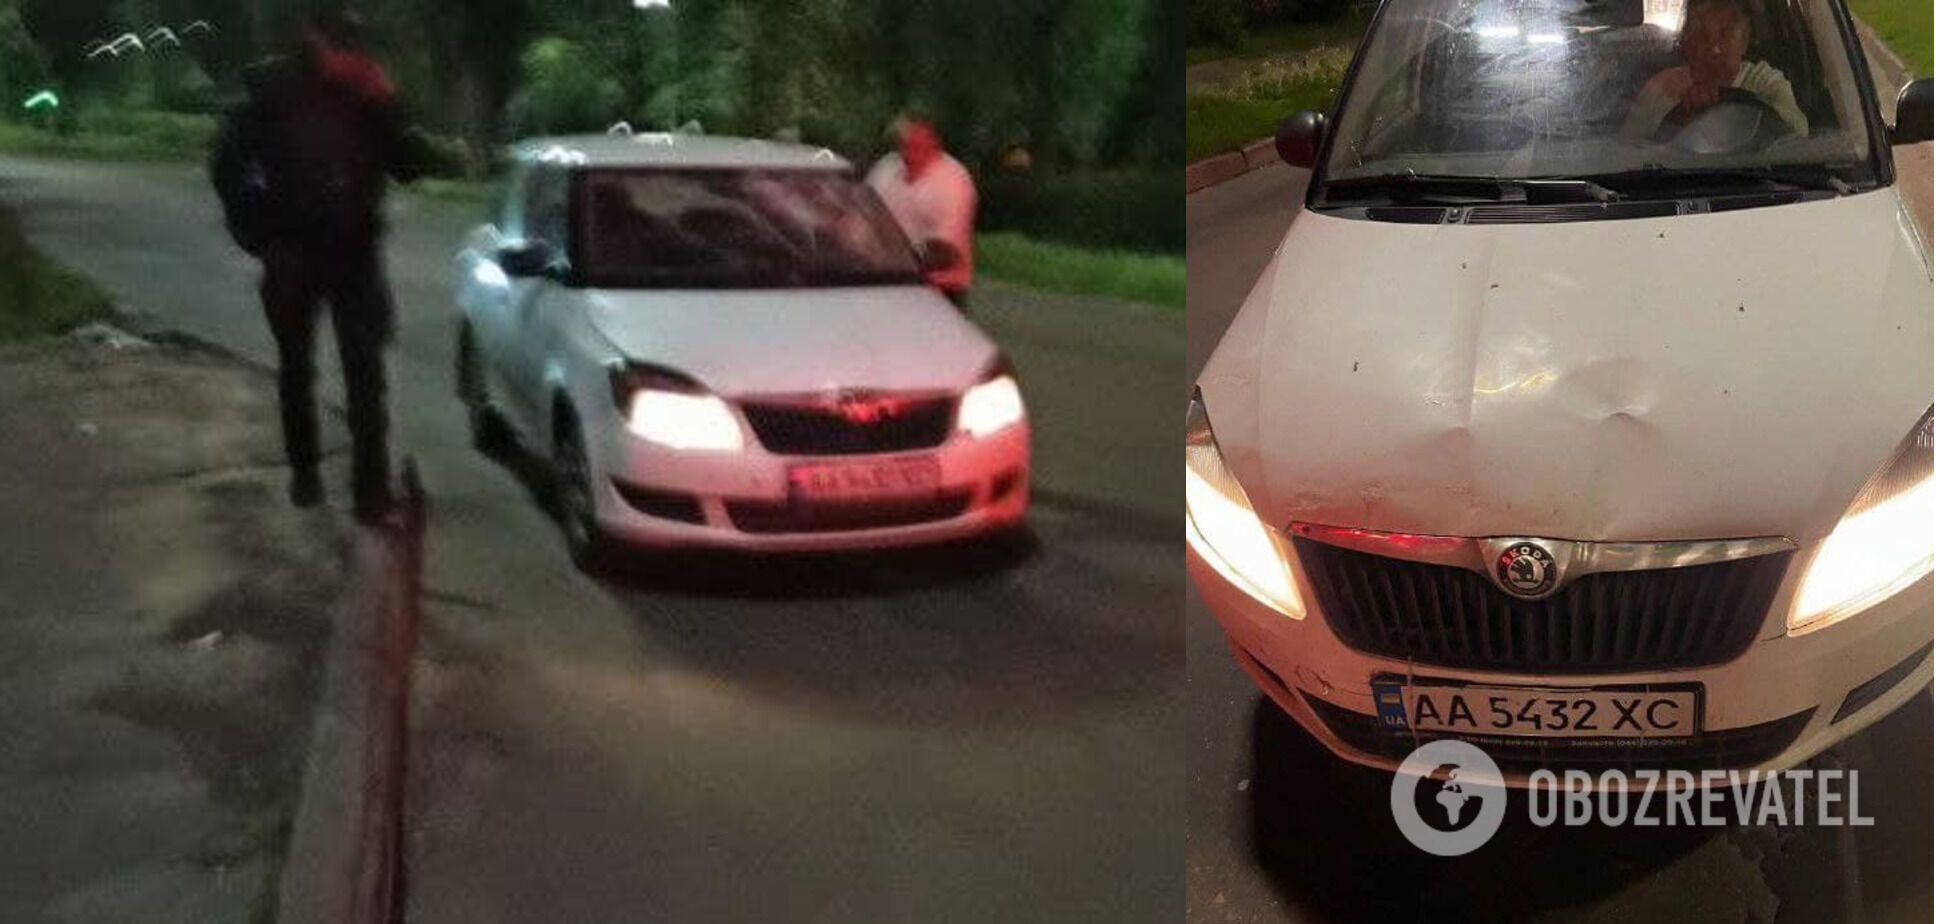 Таксист на Skoda Fabia сбил парня